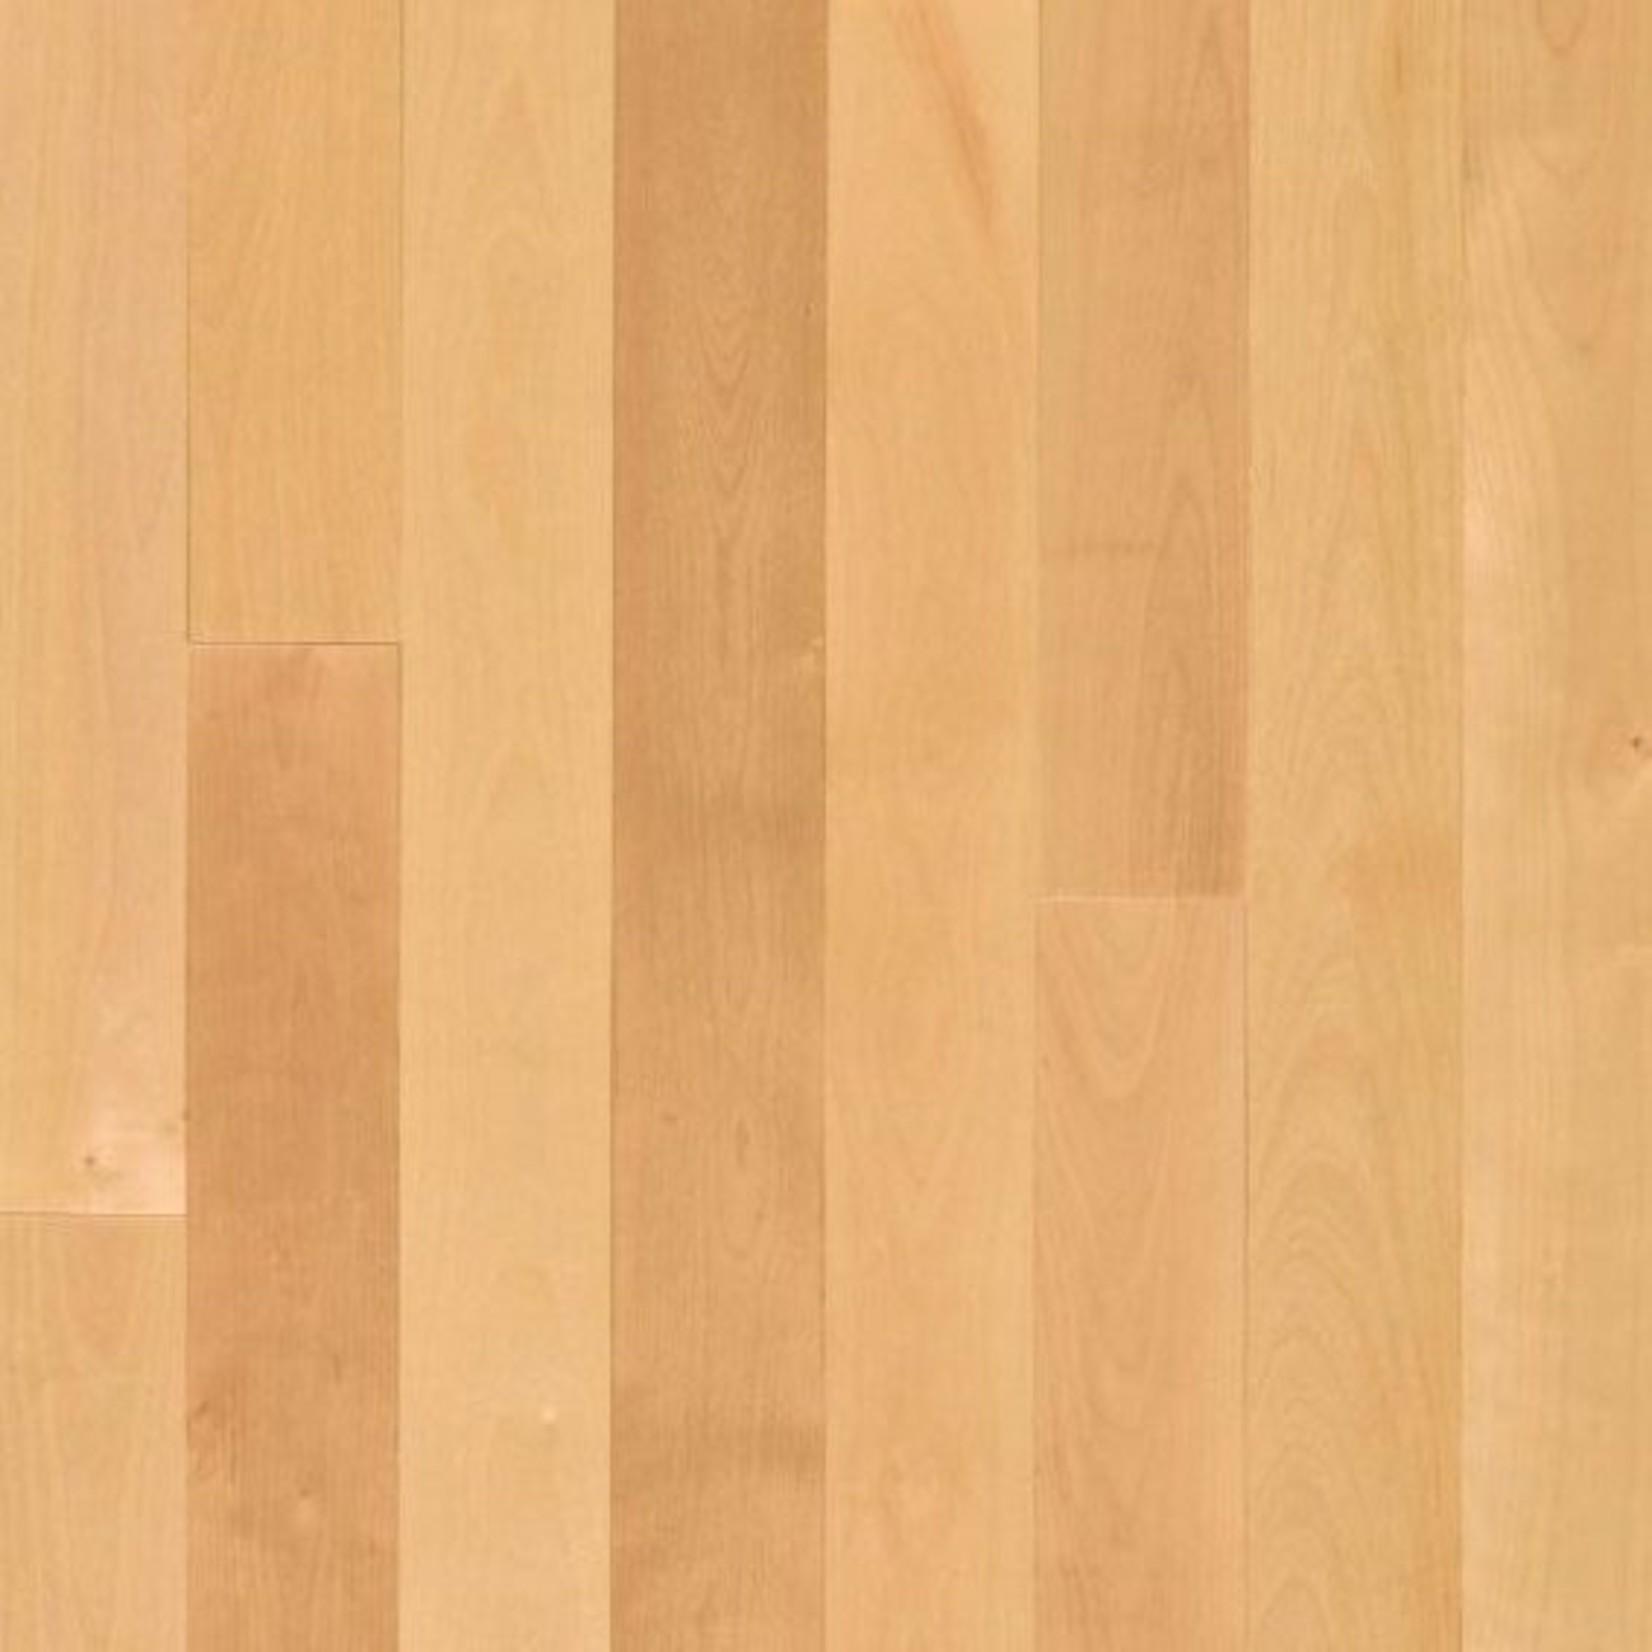 Dubeau Planchers Dubeau - Plancher Merisier sélect verni mat 20%